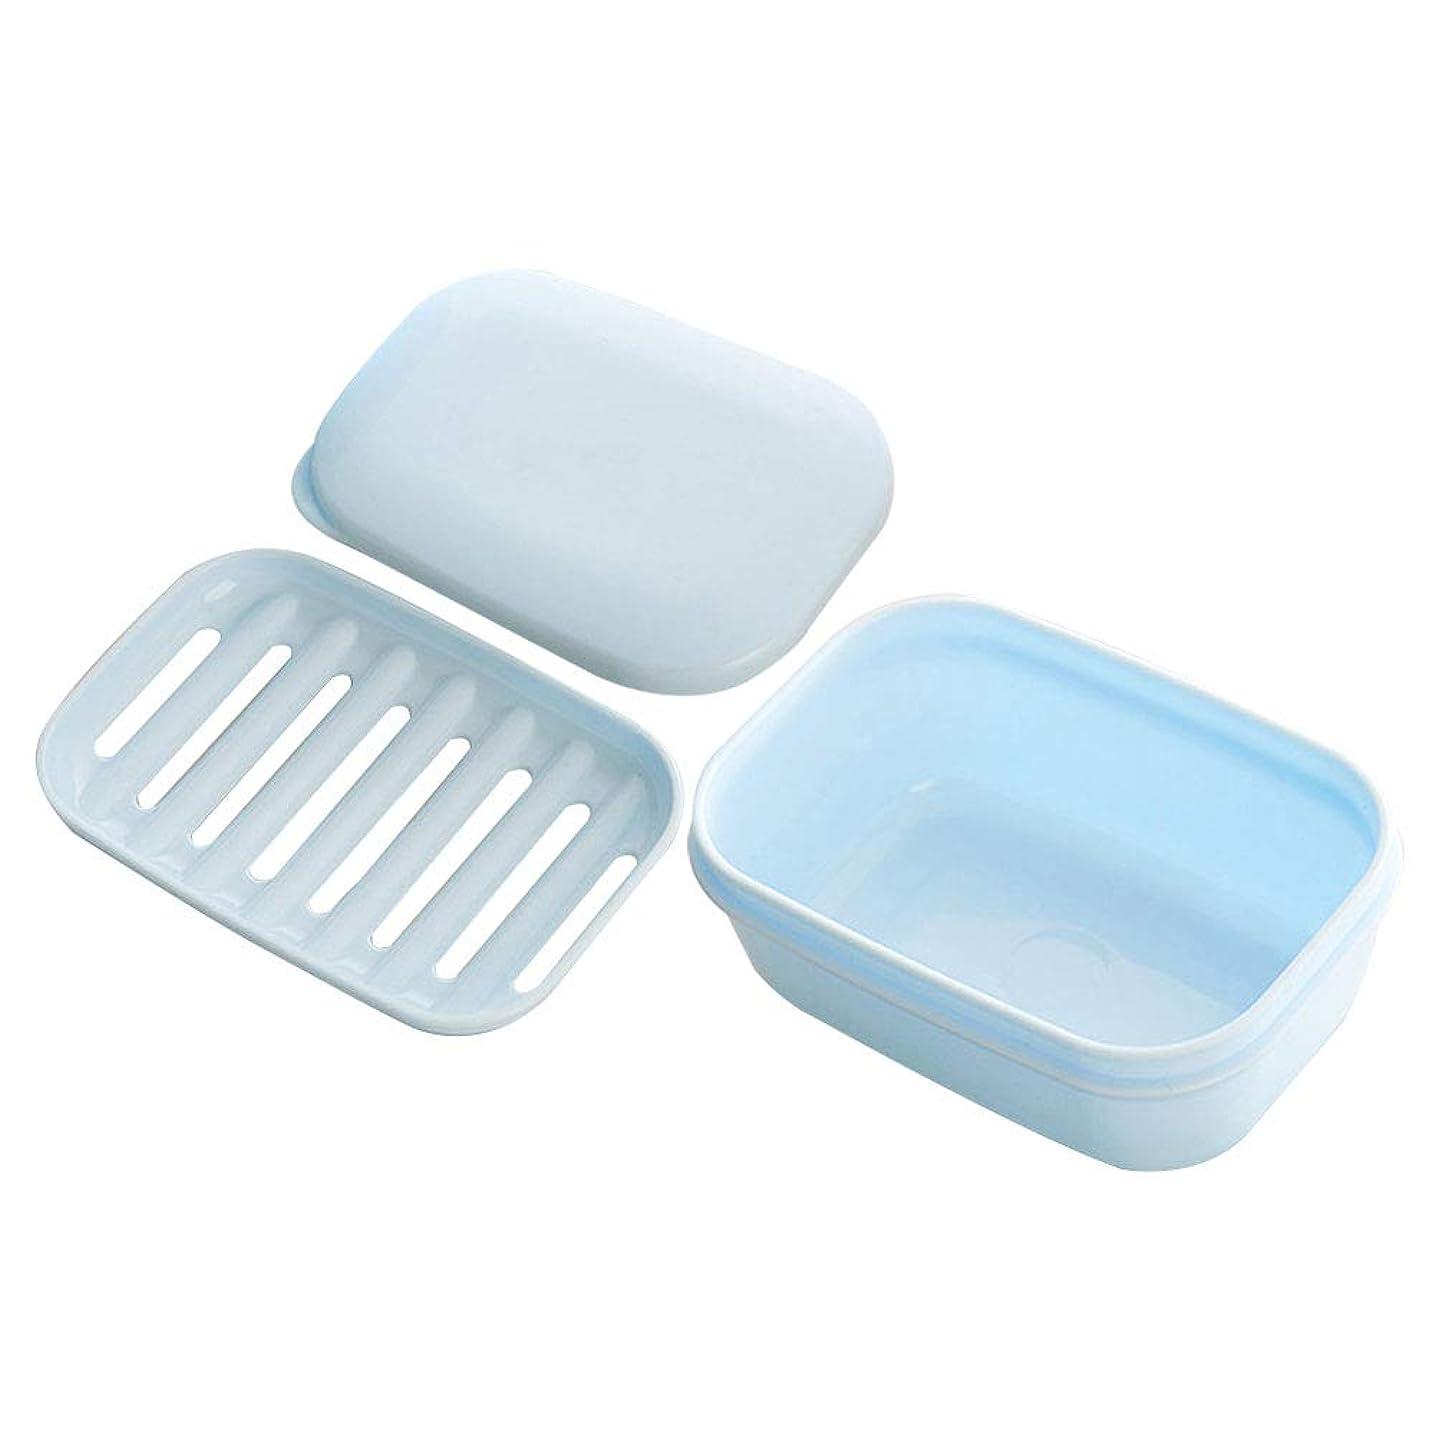 裸解体する理想的にはHealifty バスルームとキッチンのための排水石けんケースの容器と2pcsDouble層の石鹸ボックスの石鹸の皿